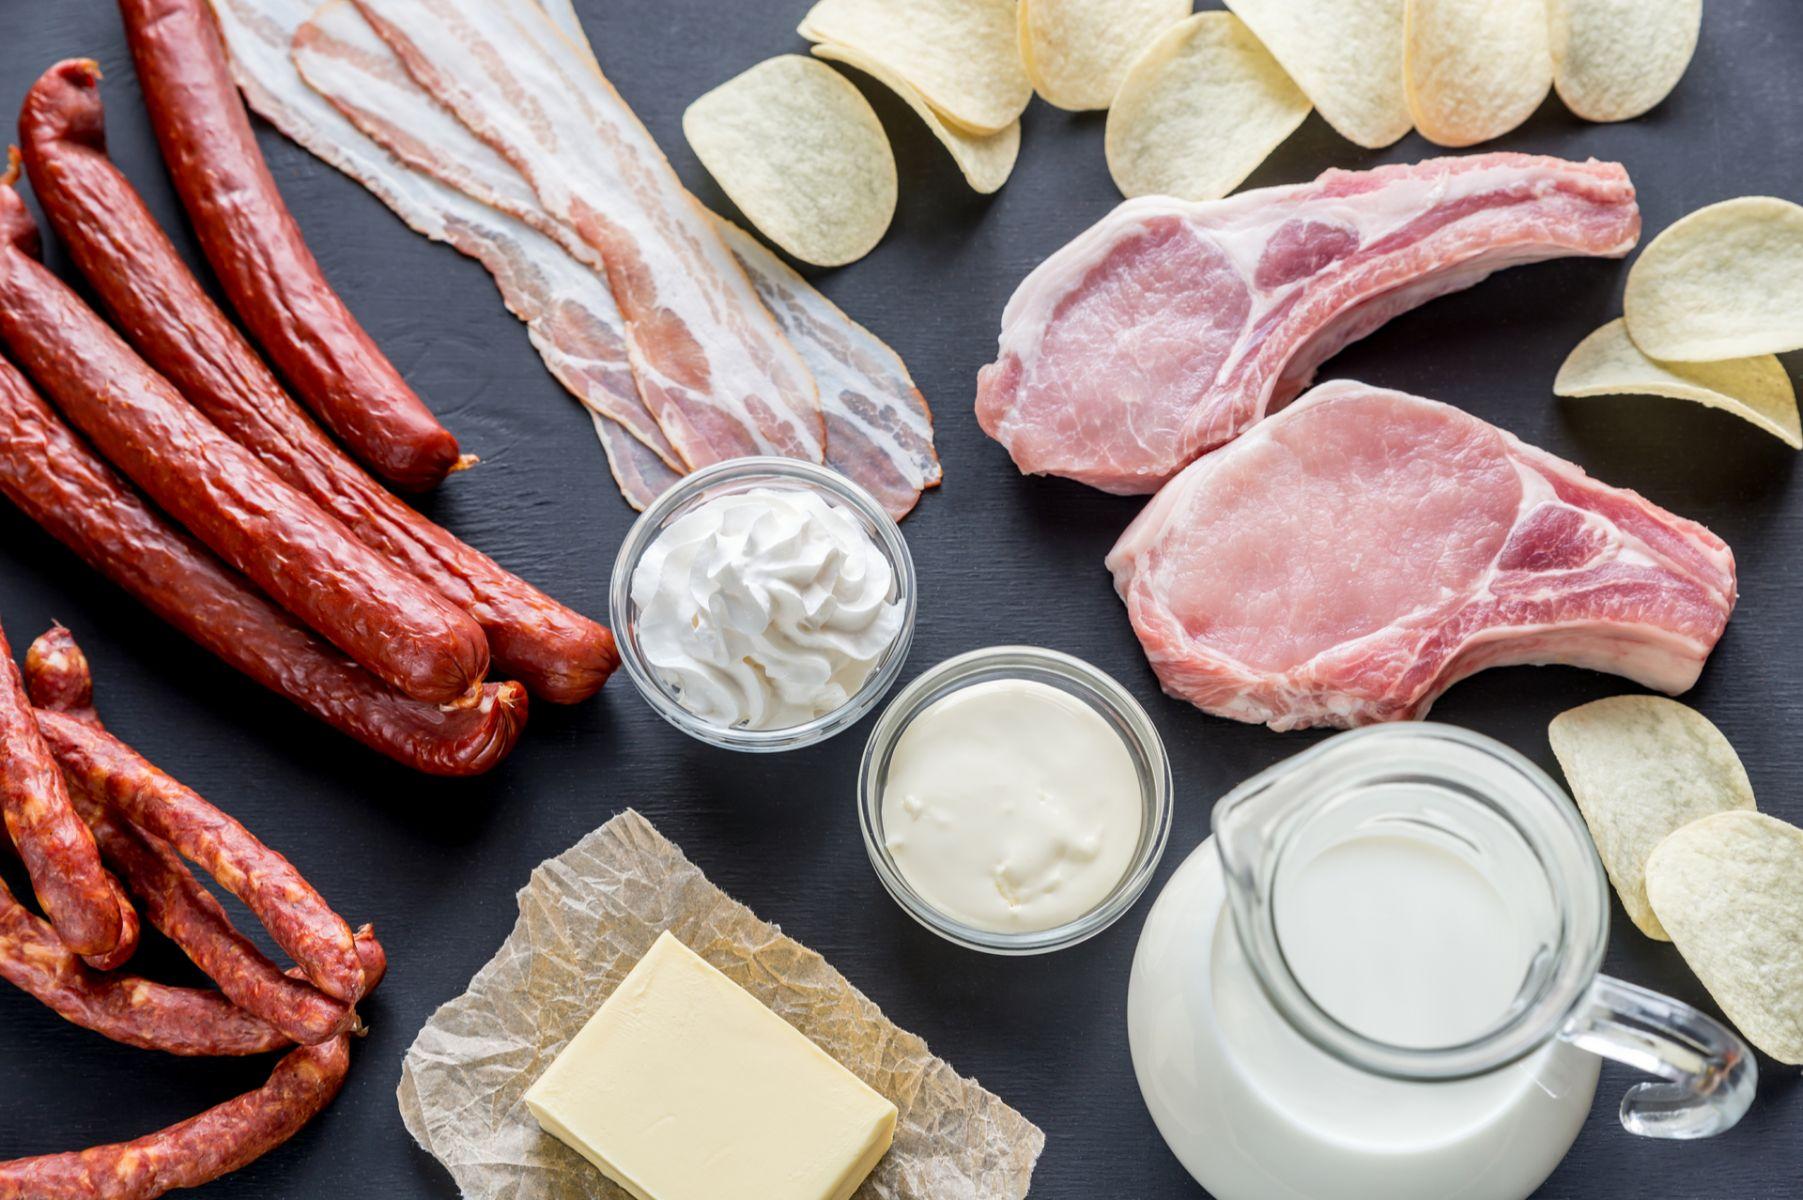 少吃飽和及反式脂肪 可減少罹患心血管疾病風險